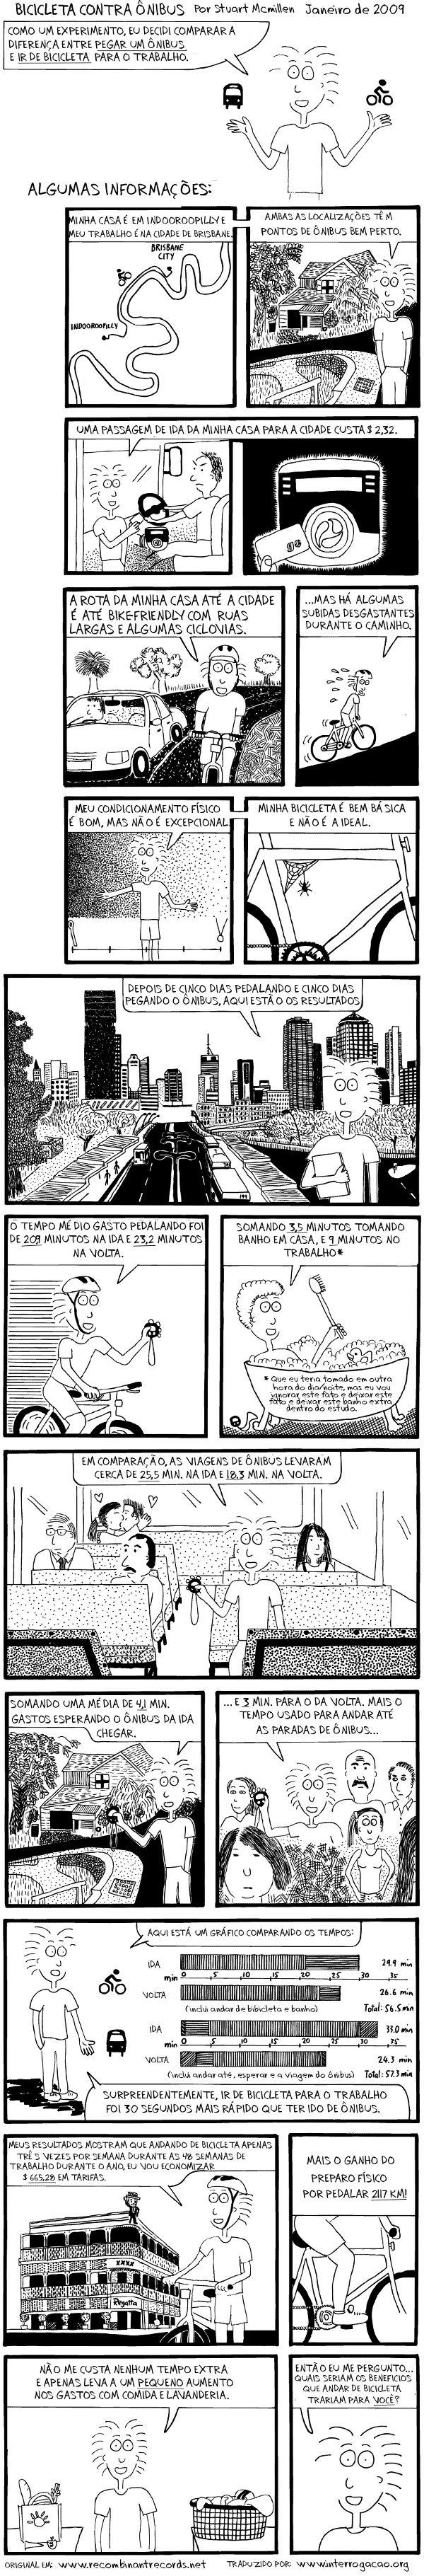 bicicleta contra ônibus